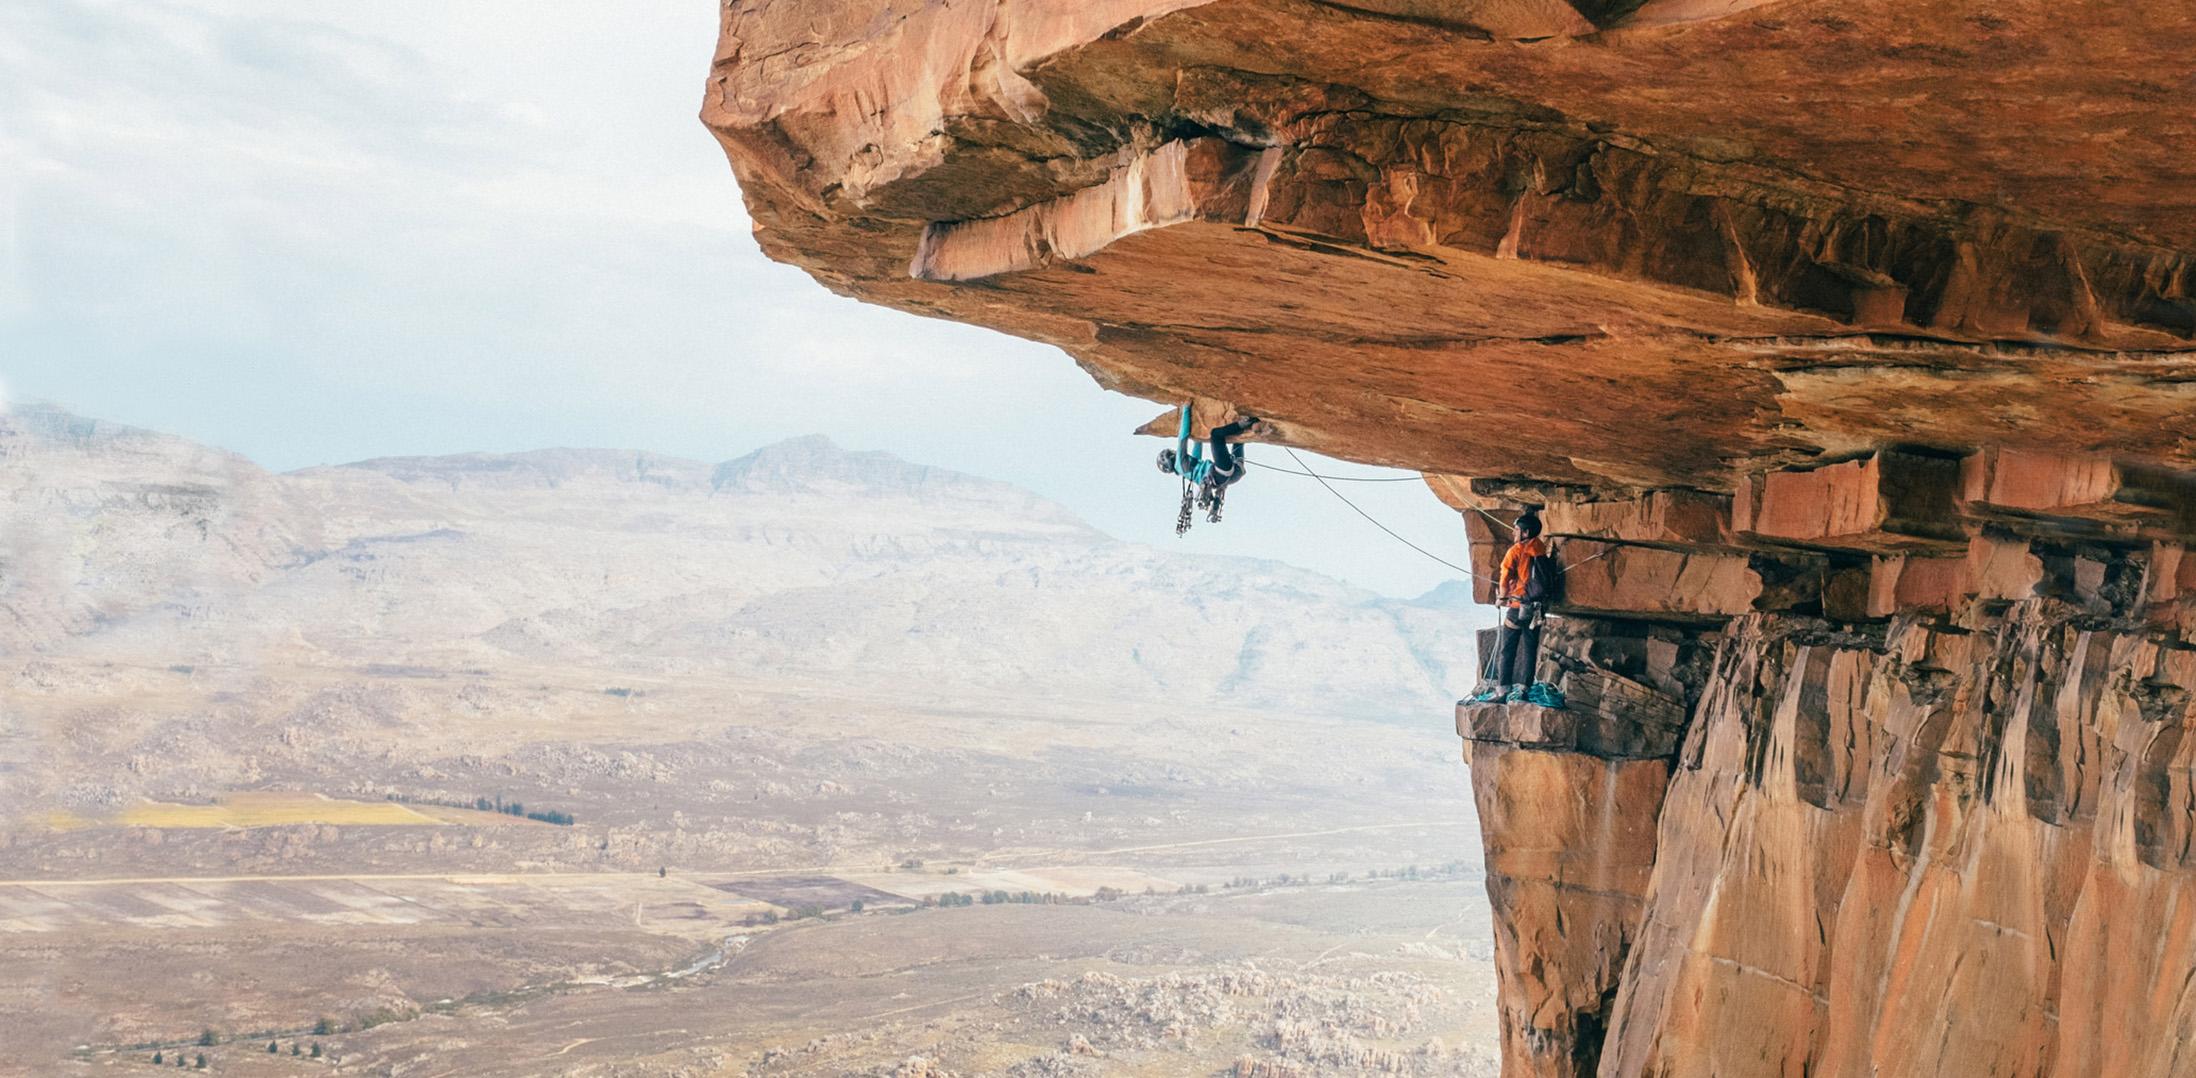 climbersB